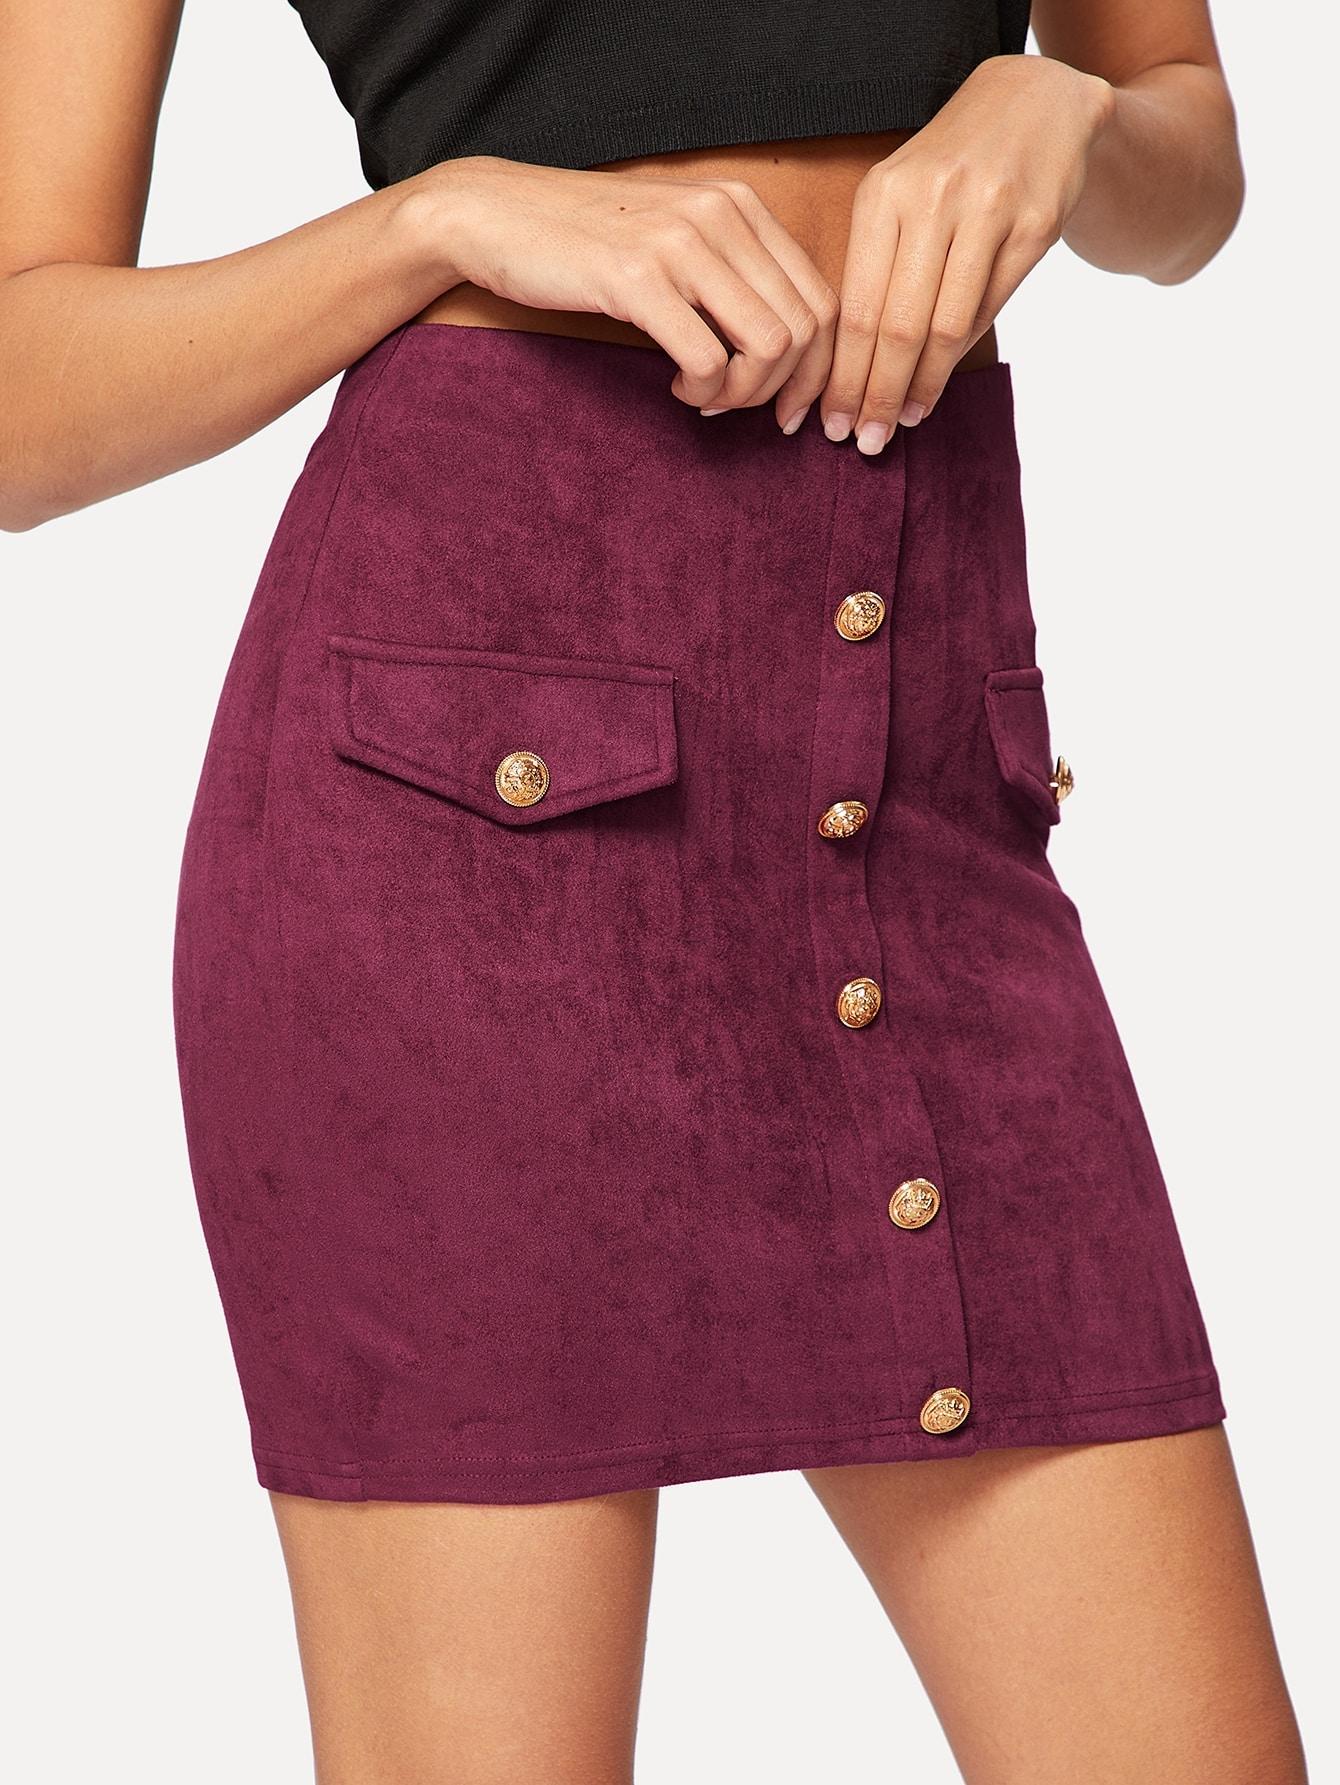 Купить Облегающая юбка на пуговицах с карманом, Giulia, SheIn